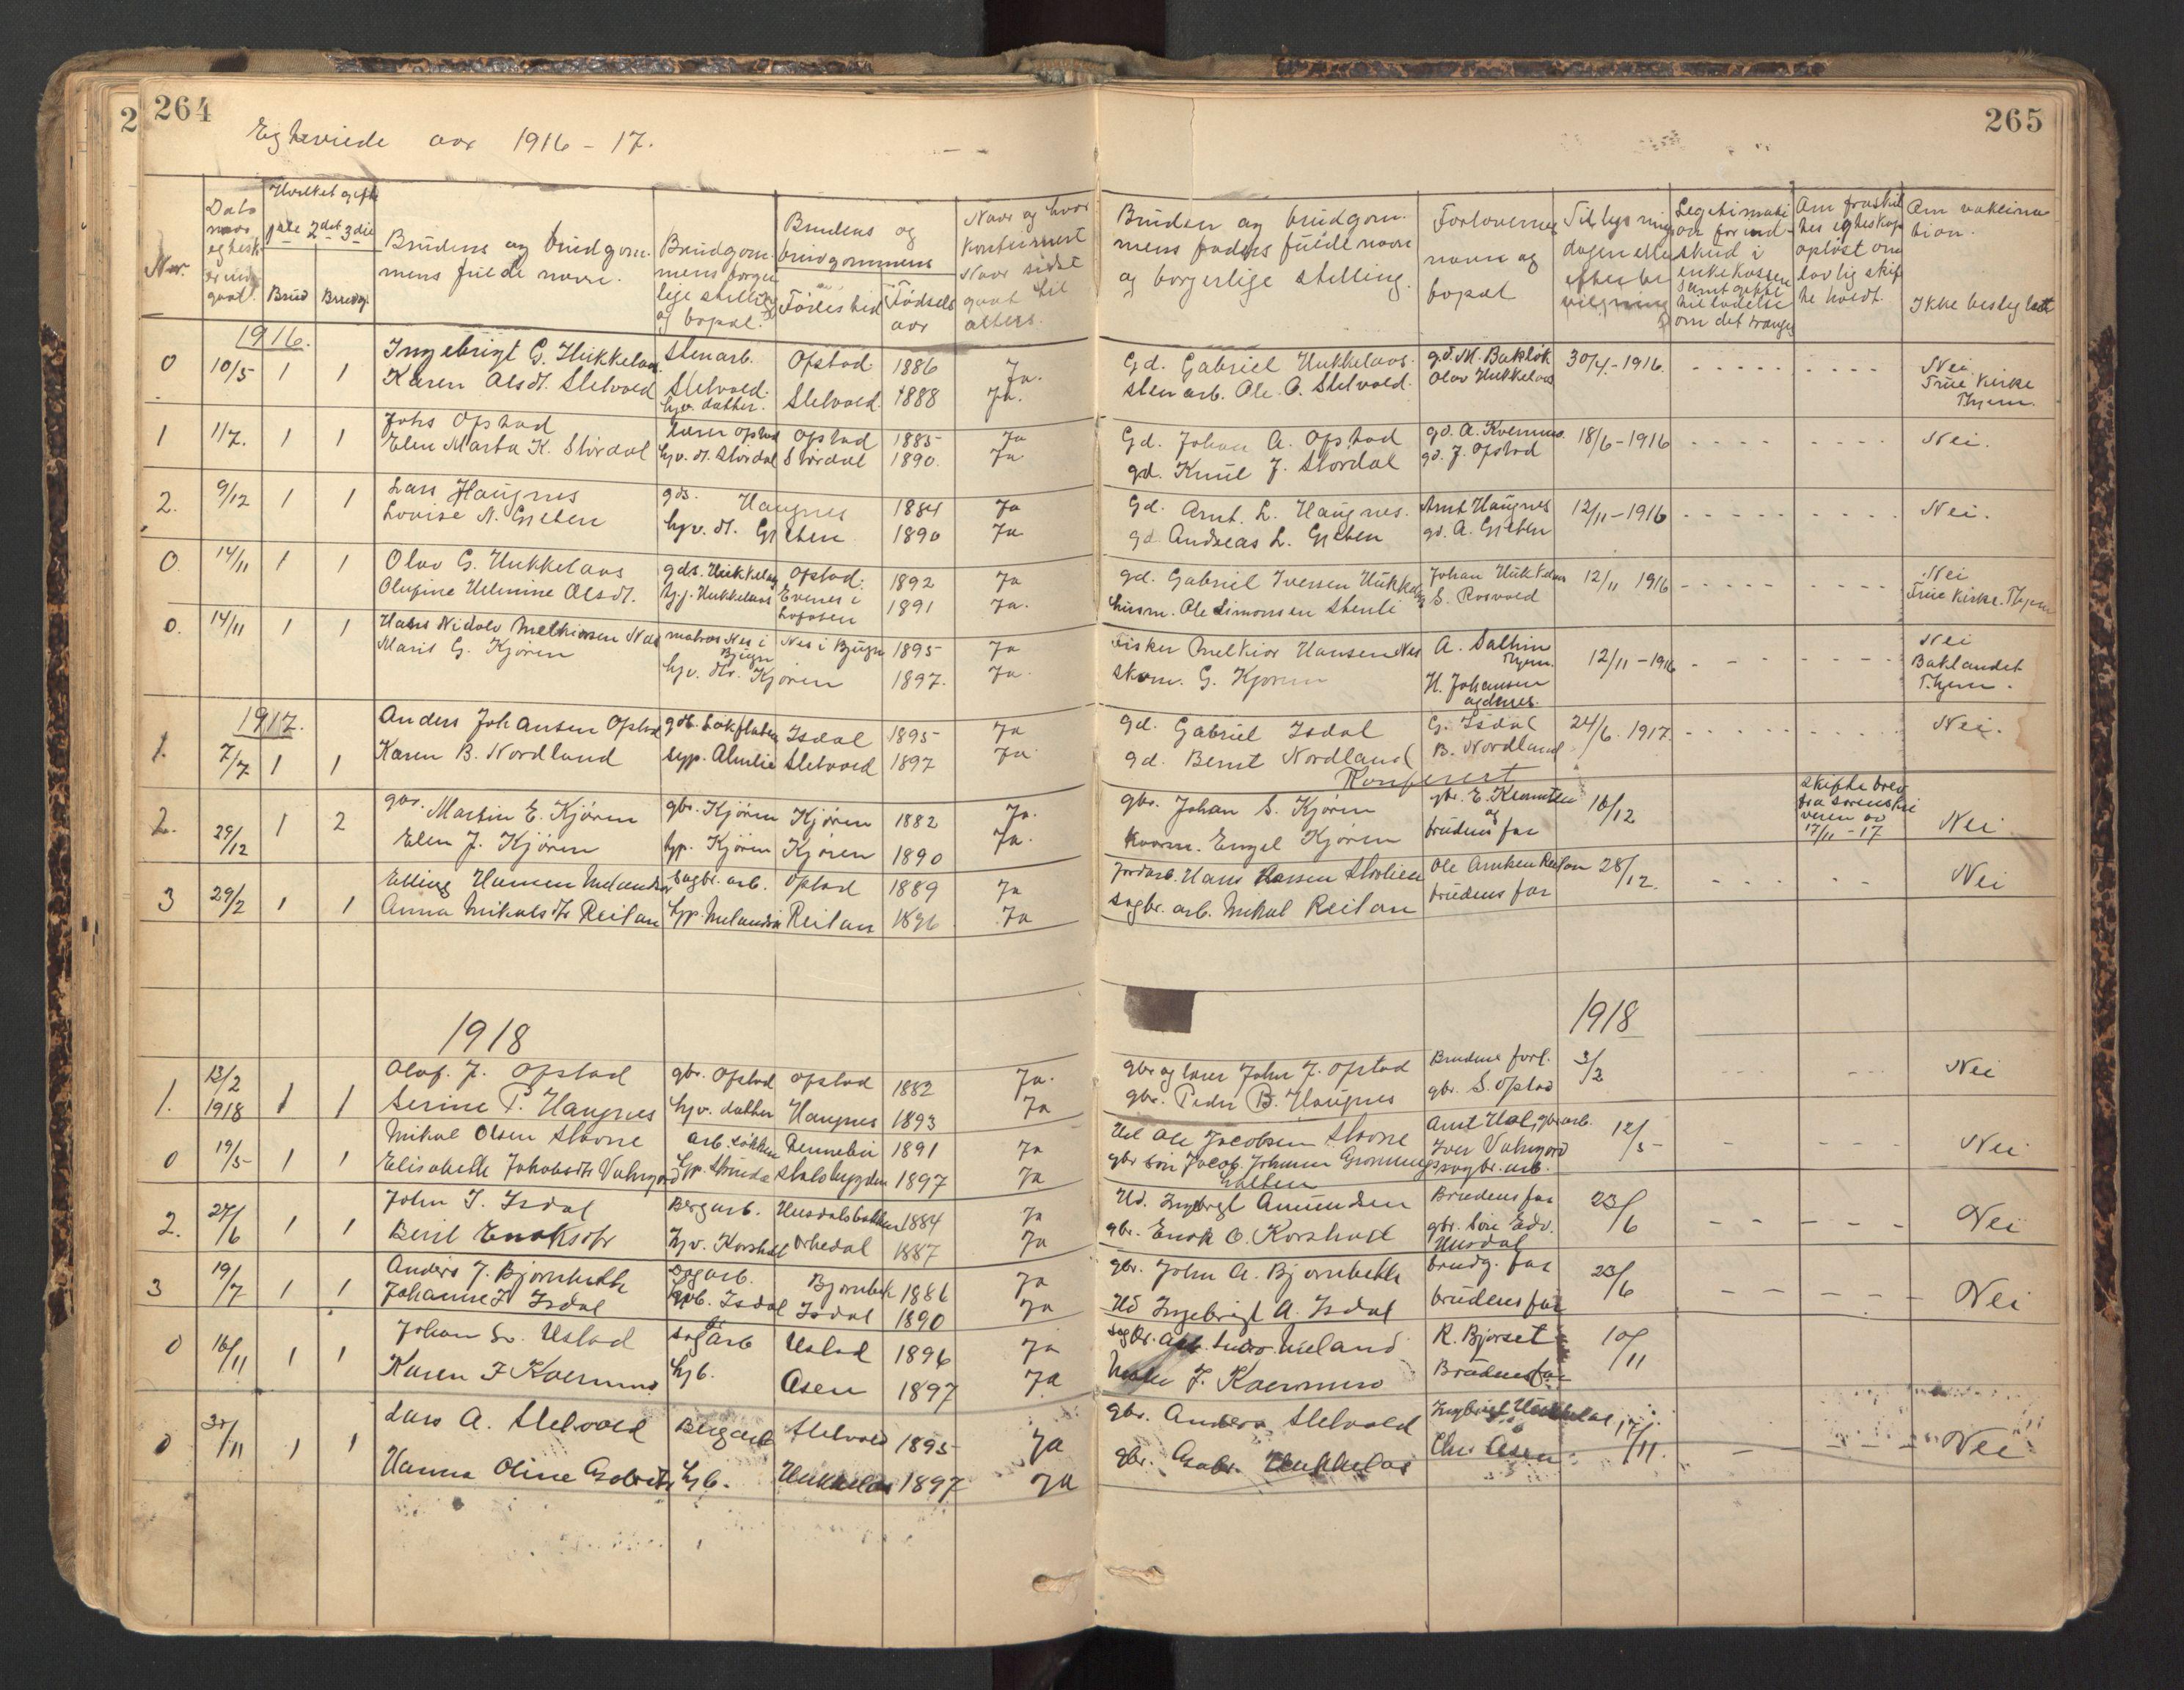 SAT, Ministerialprotokoller, klokkerbøker og fødselsregistre - Sør-Trøndelag, 670/L0837: Klokkerbok nr. 670C01, 1905-1946, s. 264-265